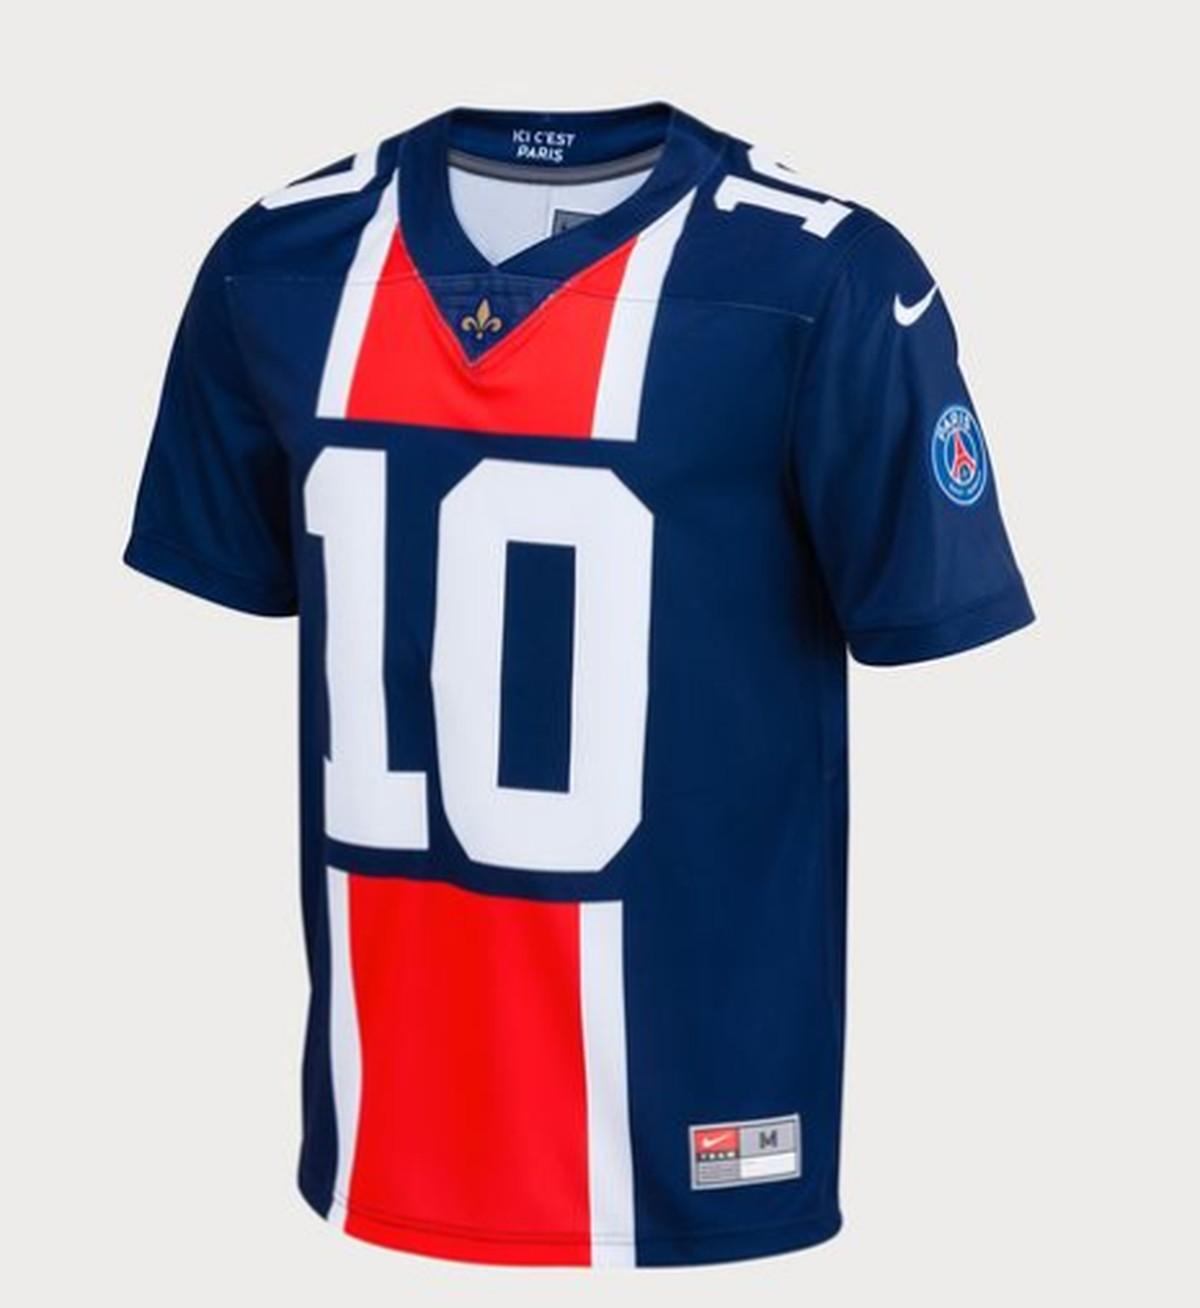 PSG pega carona no Super Bowl e lança camisa de futebol americano para  Neymar  393abc7400b